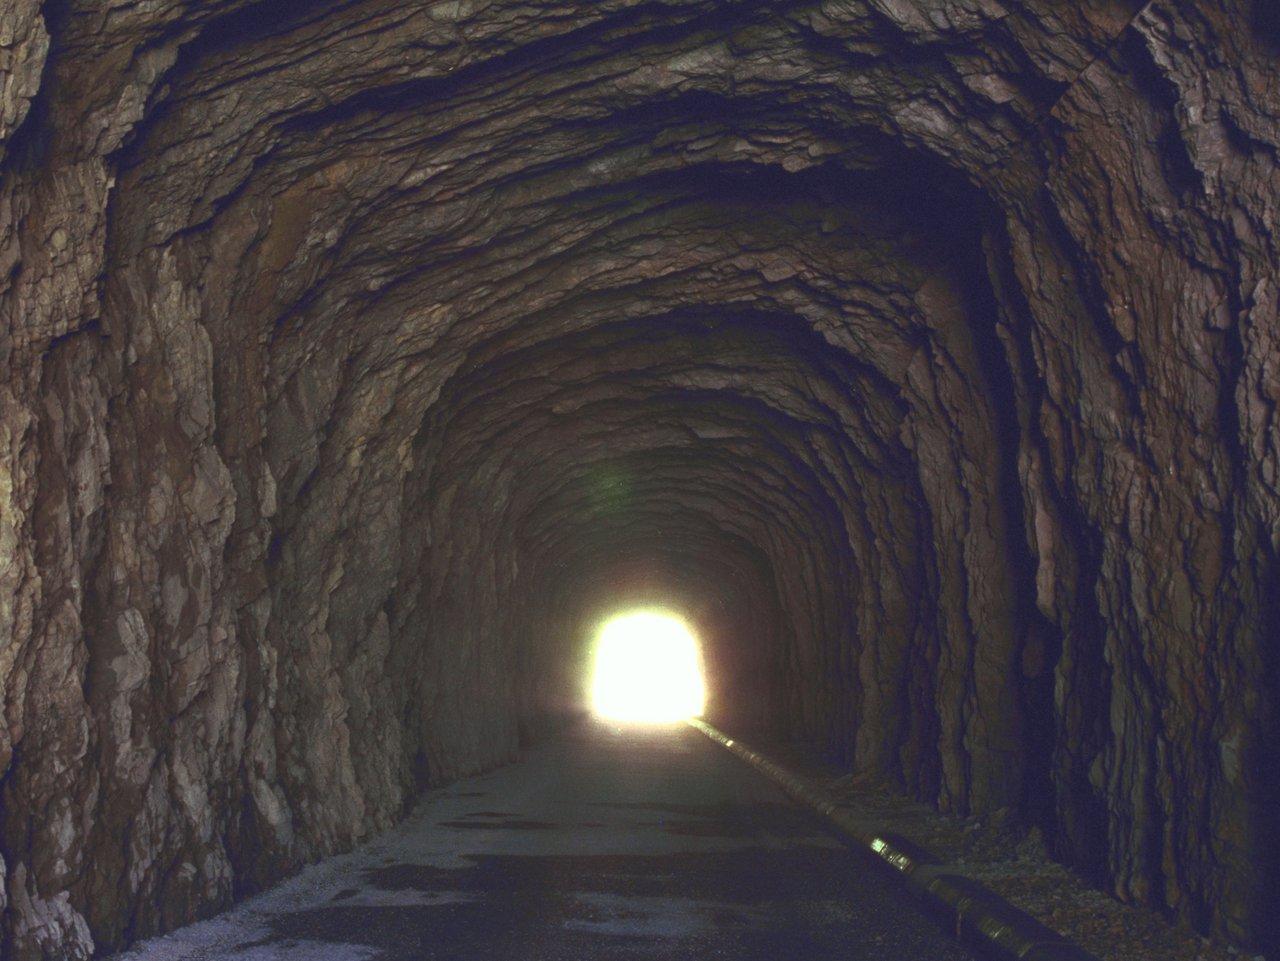 Le meilleur film de votre point de vue - Page 8 Edenpics-com_001-068-Perspective-du-tunnel-aux-voutes-de-roches-naturelles-avec-une-forte-lumiere-a